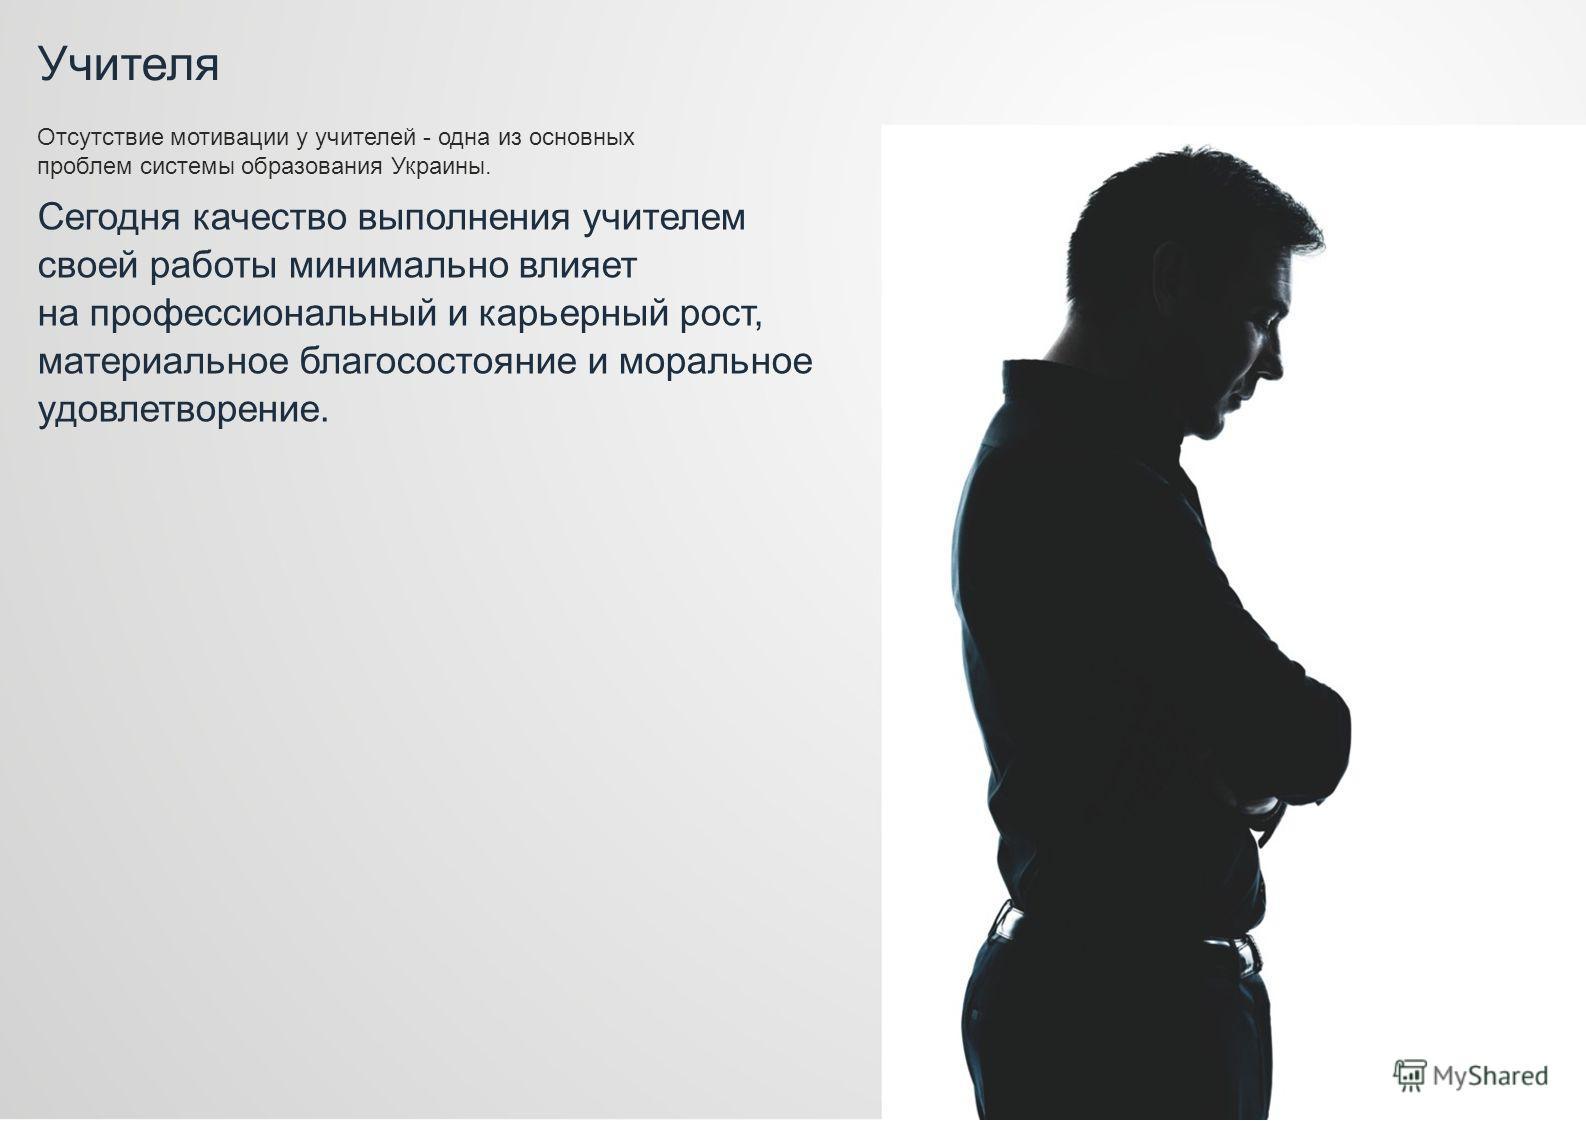 Учителя Отсутствие мотивации у учителей - одна из основных проблем системы образования Украины. Сегодня качество выполнения учителем своей работы минимально влияет на профессиональный и карьерный рост, материальное благосостояние и моральное удовлетв